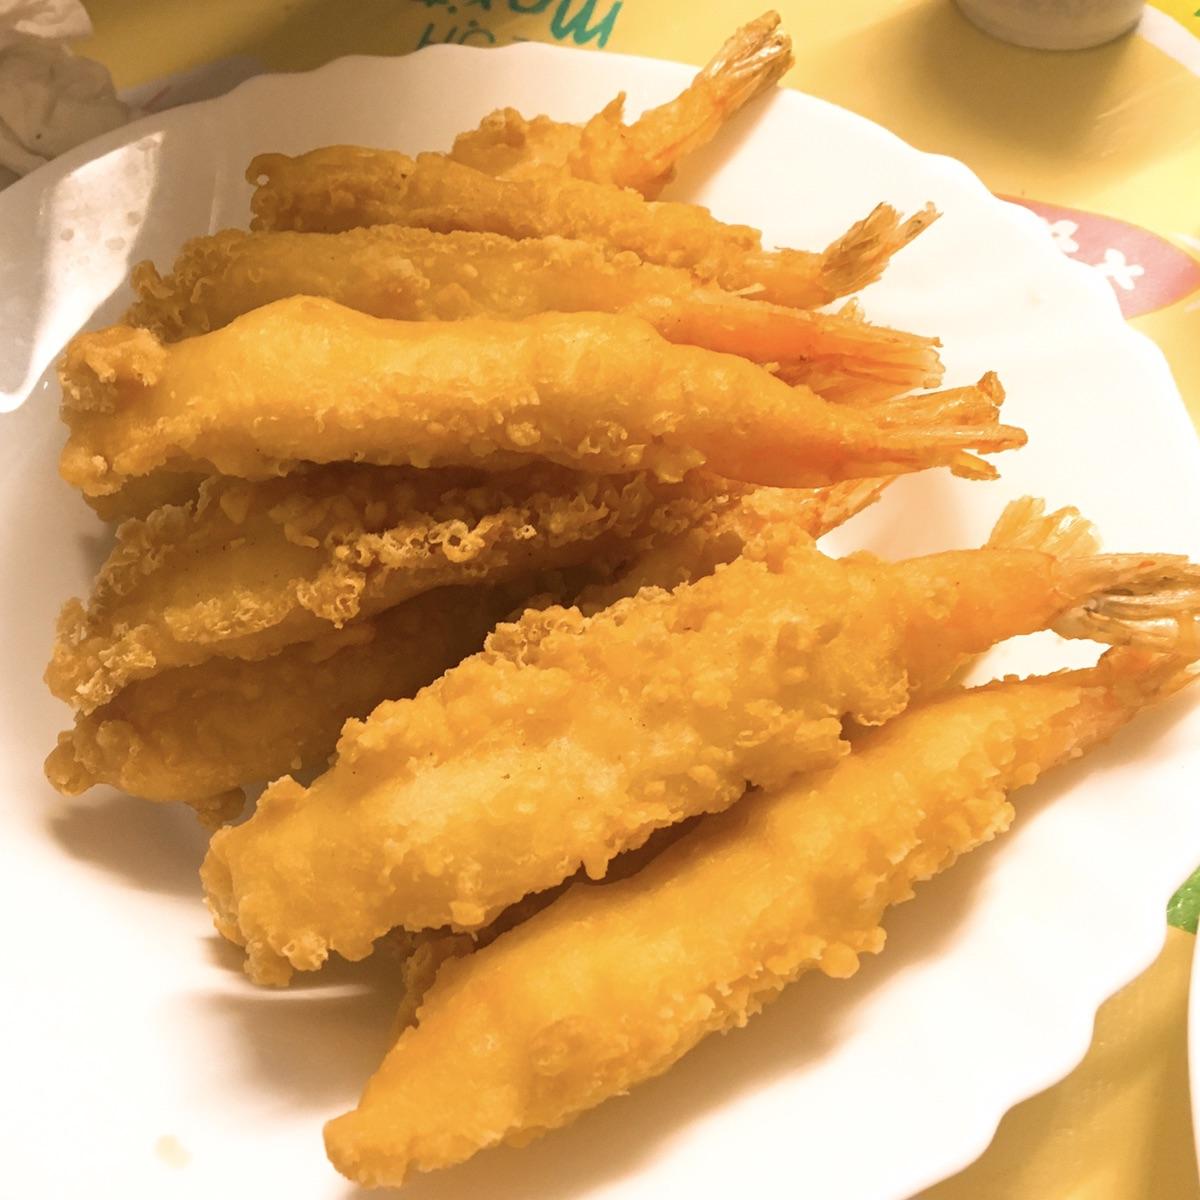 圣诞🎄大餐 之 鹅肝 + 邻居特意做的糖醋鲈鱼